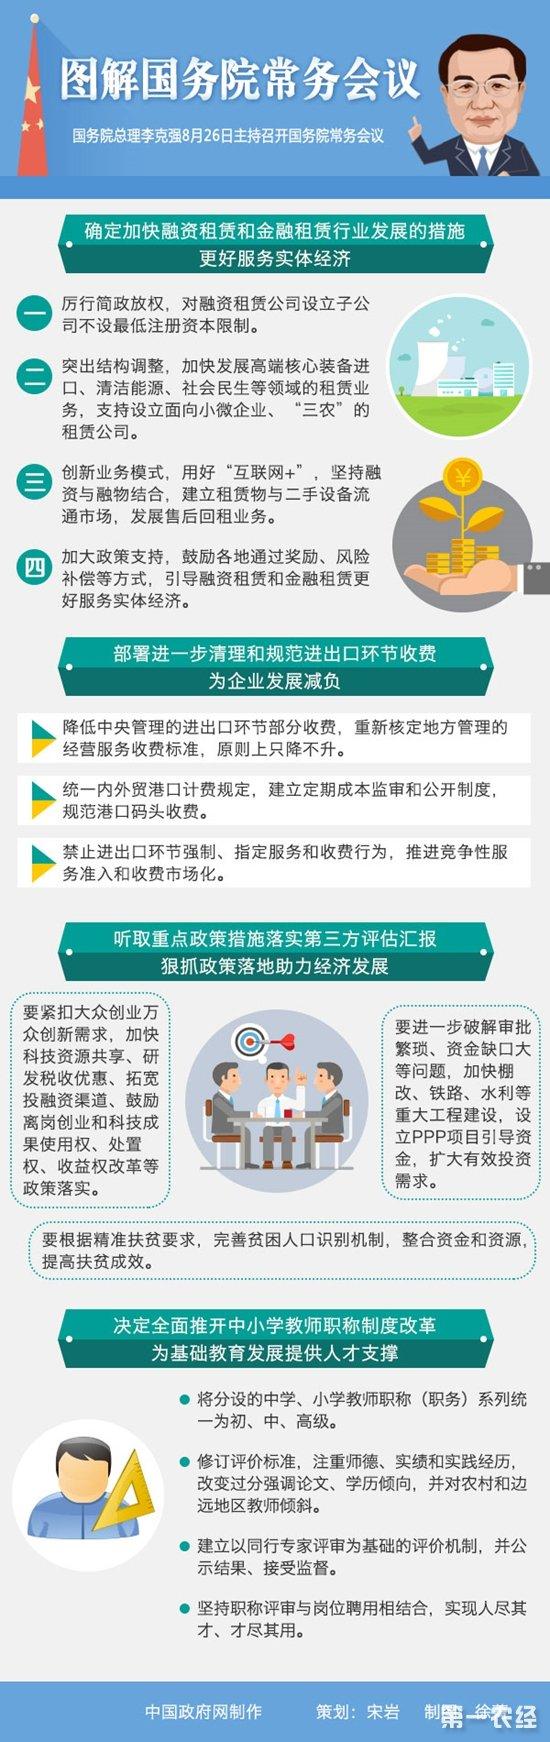 回顾8月26日国务院常务会议  李克强:加快融资和金融租赁